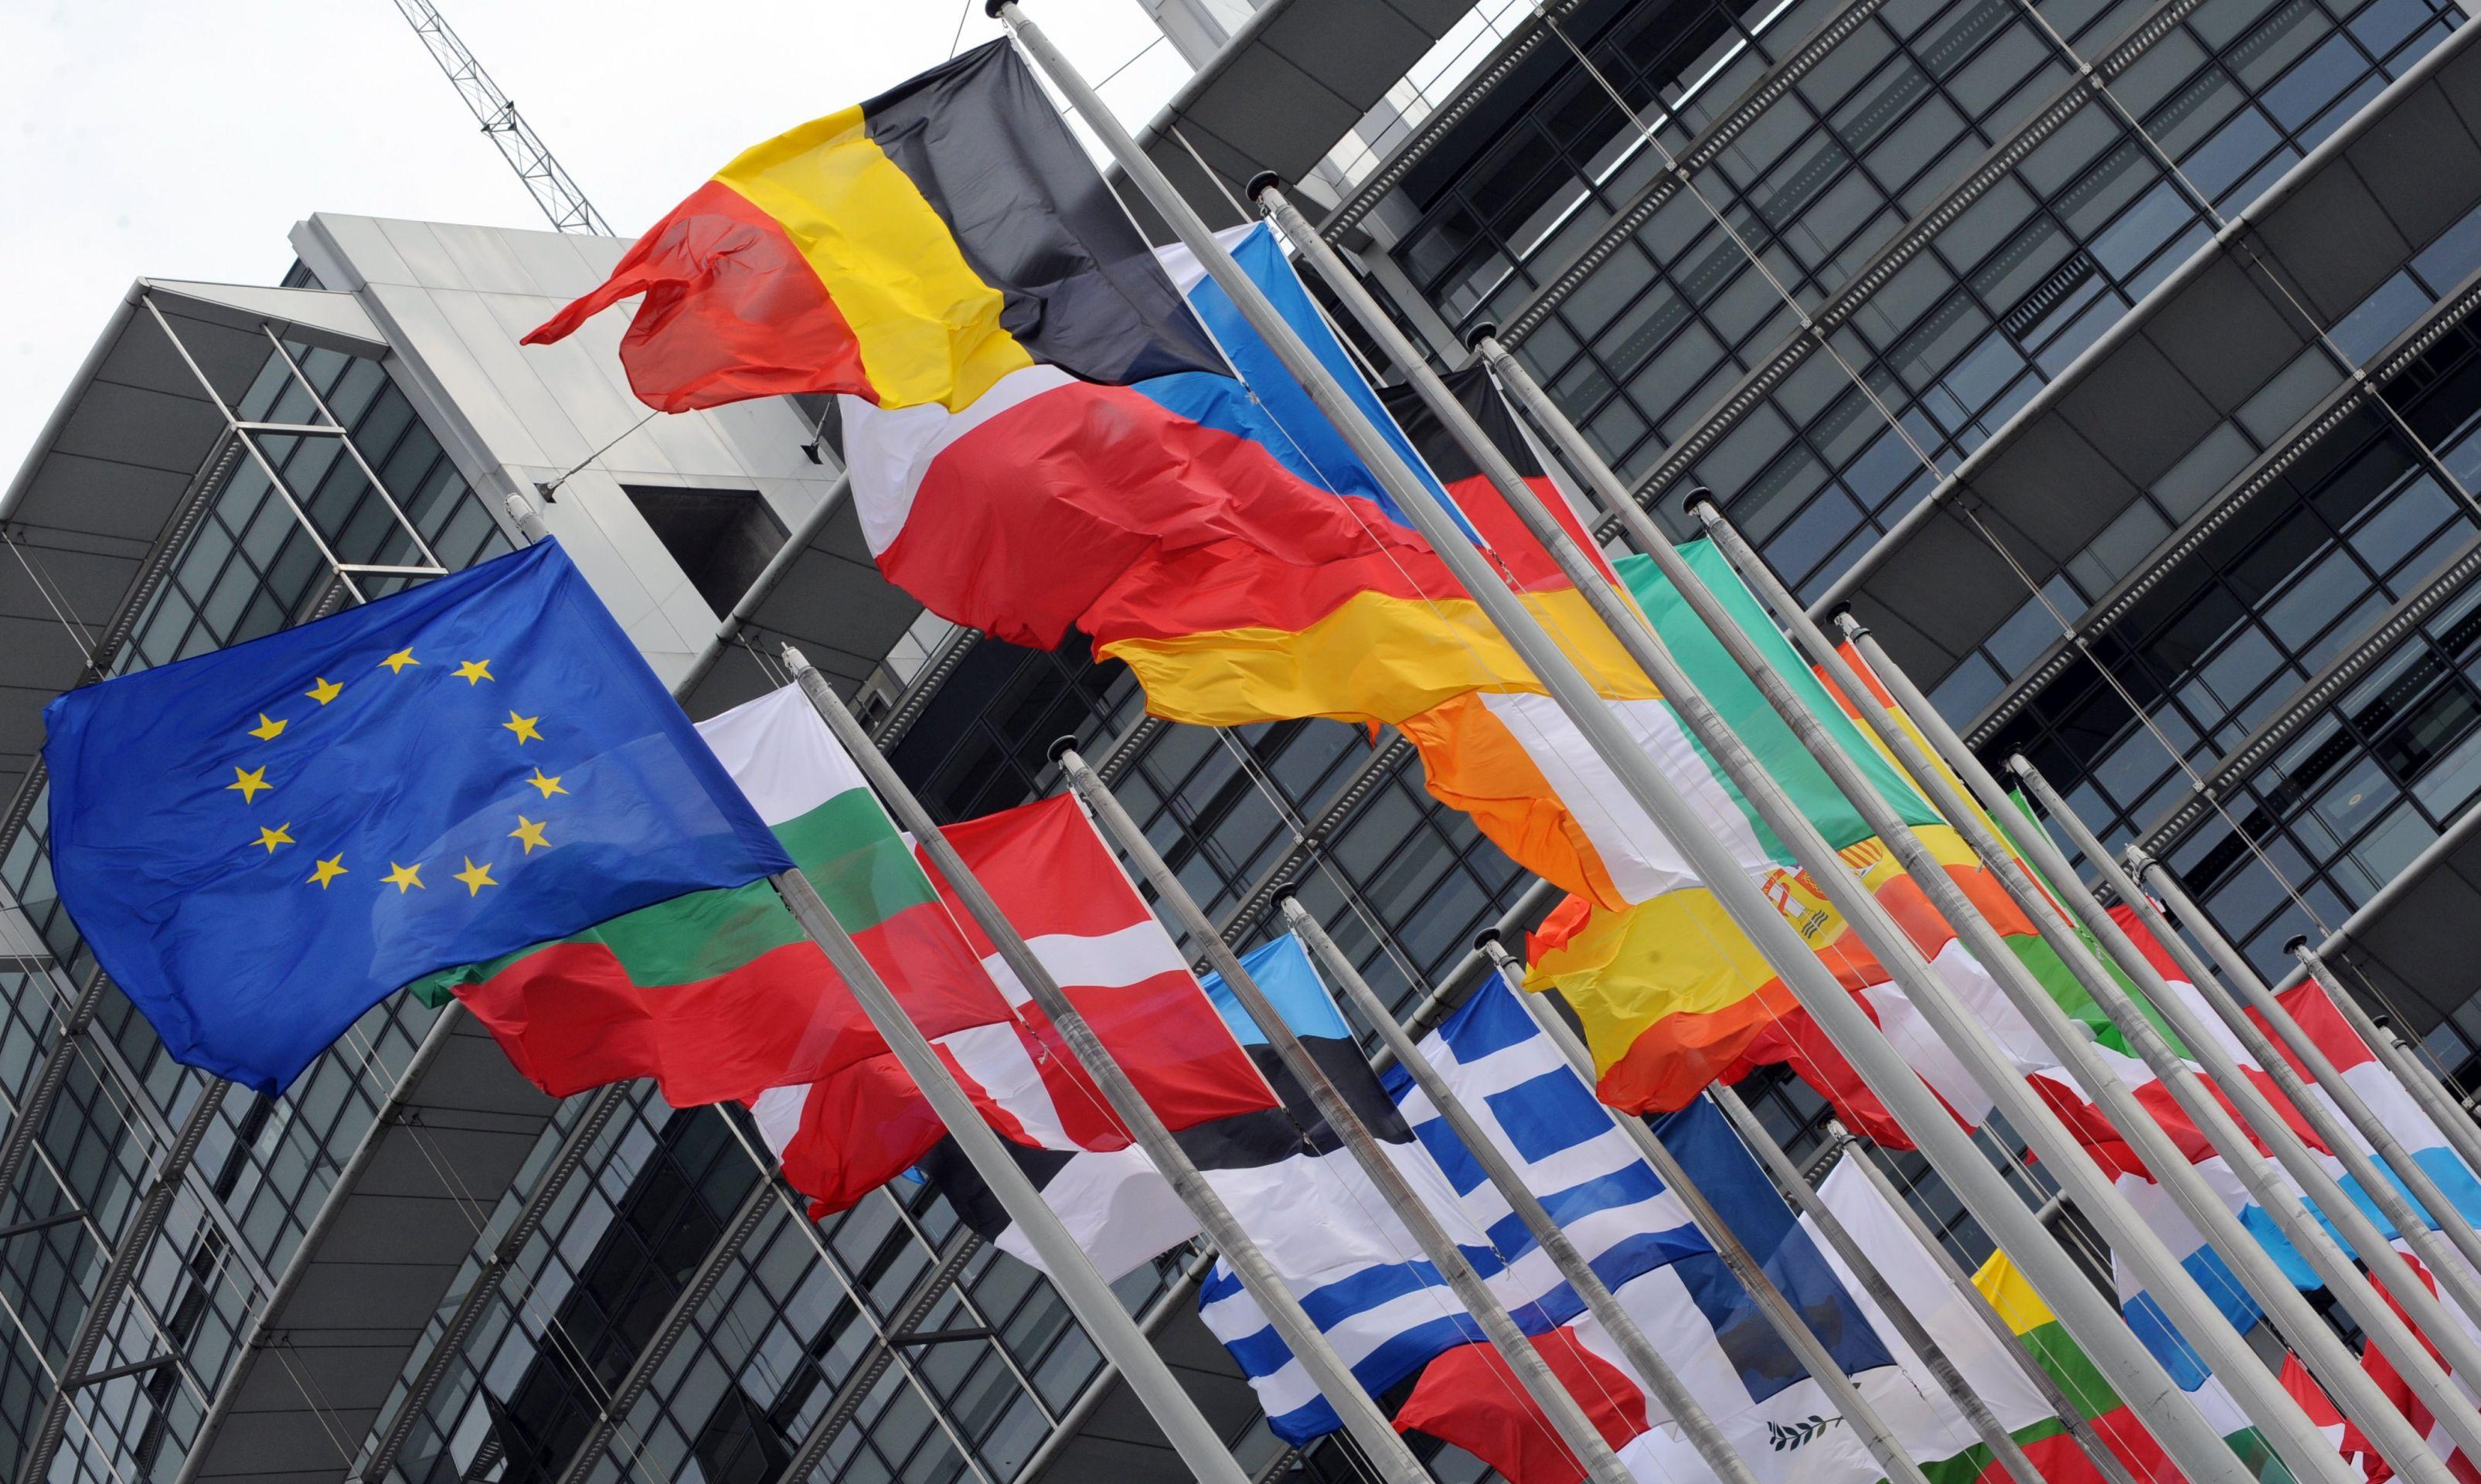 Srbija otvorila dva nova poglavlja u pregovorima s EU-om